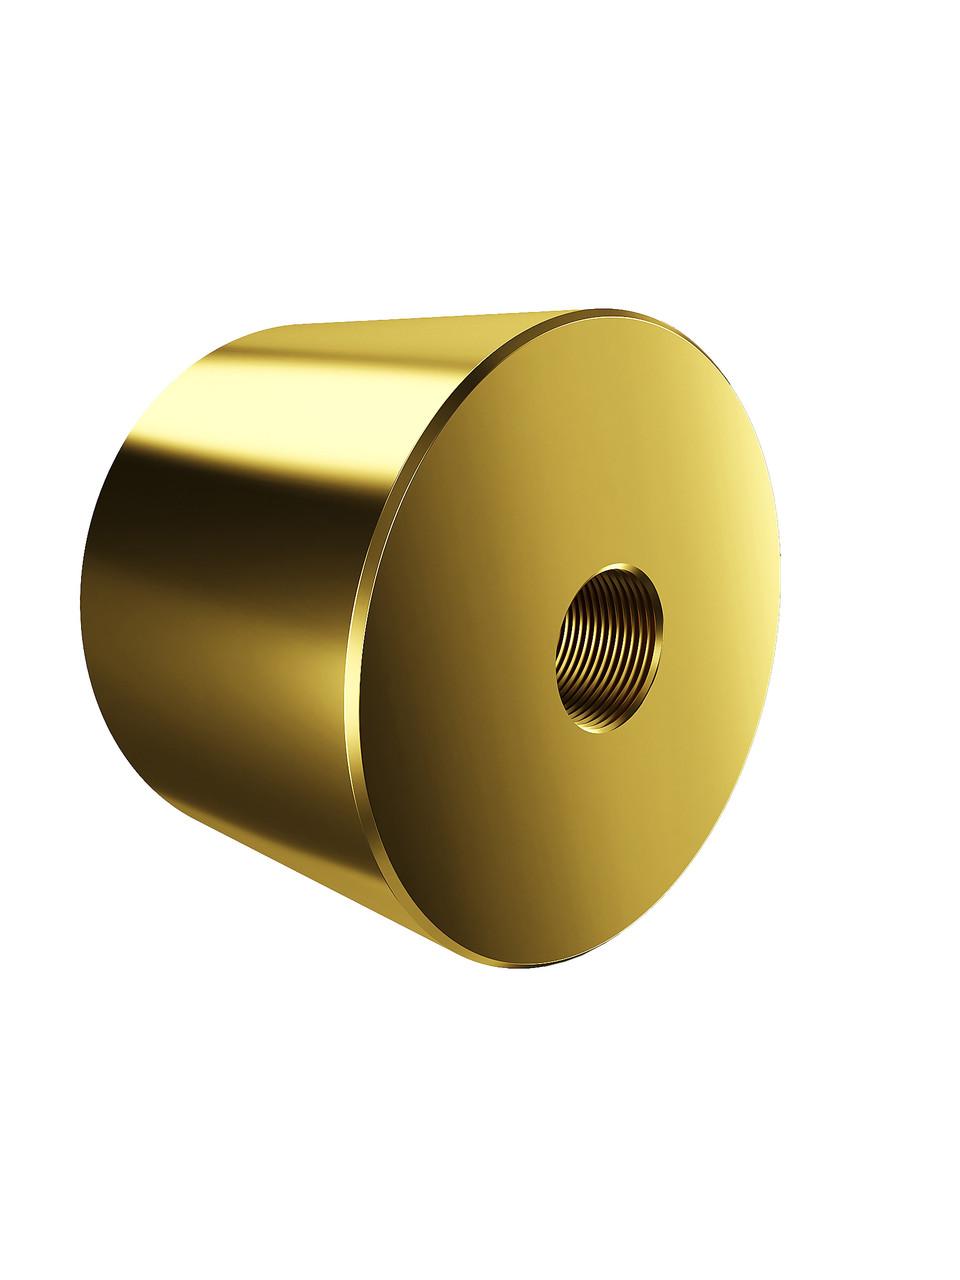 ODF-06-26-10-L30 Дистанція 30 мм для коннектора діаметром 40 мм з різьбою М10, колір золото